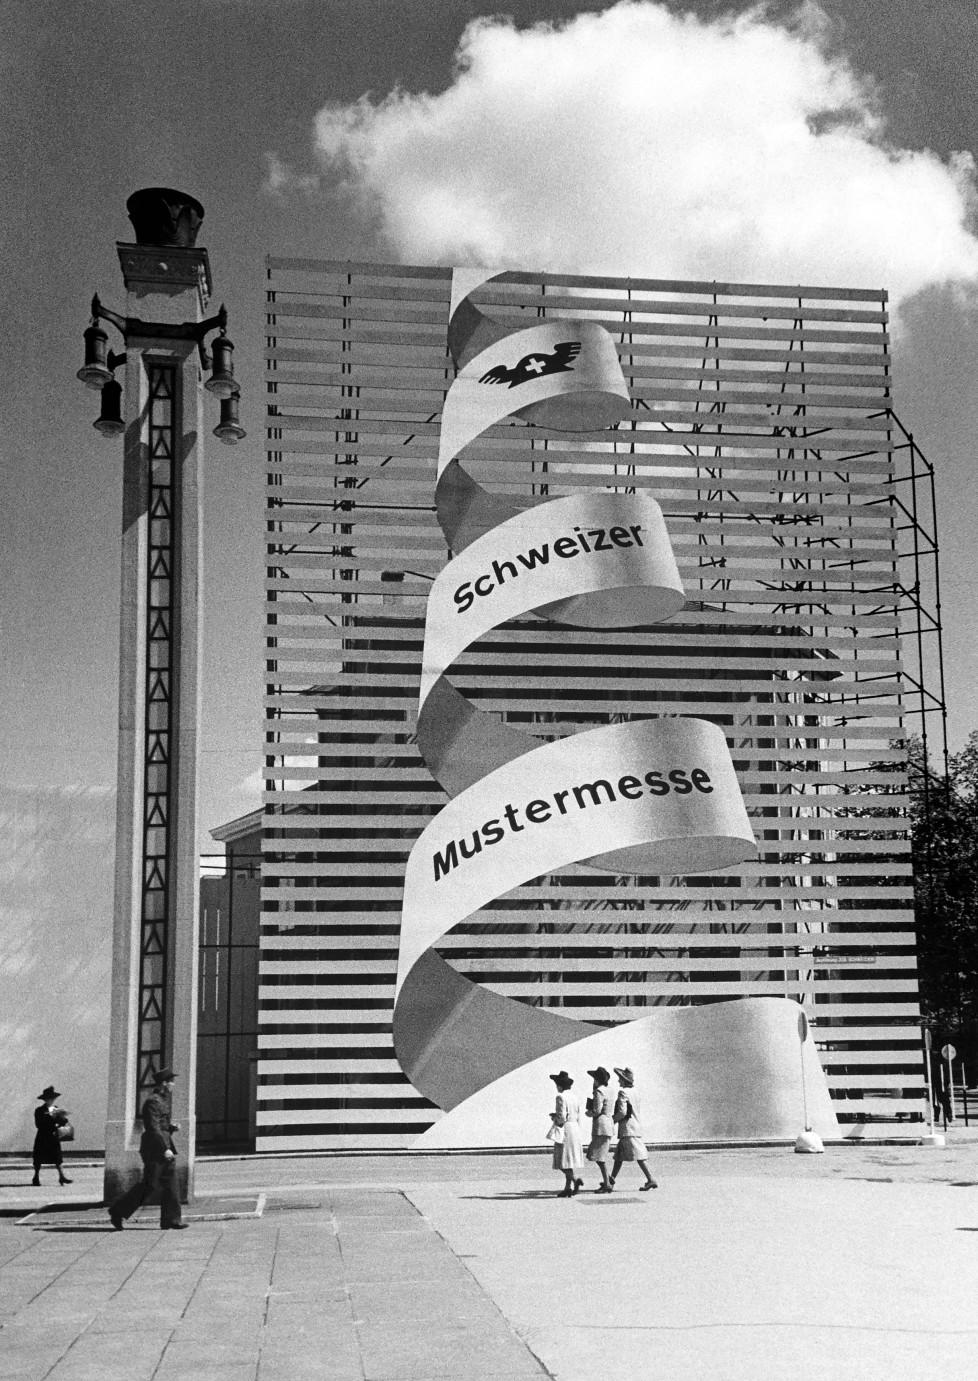 Aufwärts: das signet der Mustermesse 1945 signalisiert Optimismus. Noch herrscht Krieg in Europa, doch er geht einem raschem Ende zu. IM TAKT DER ZEIT BILDNACHWEIS Quelle: Staatsarchiv Basel-Stadt, Privatarchiv MCH Group